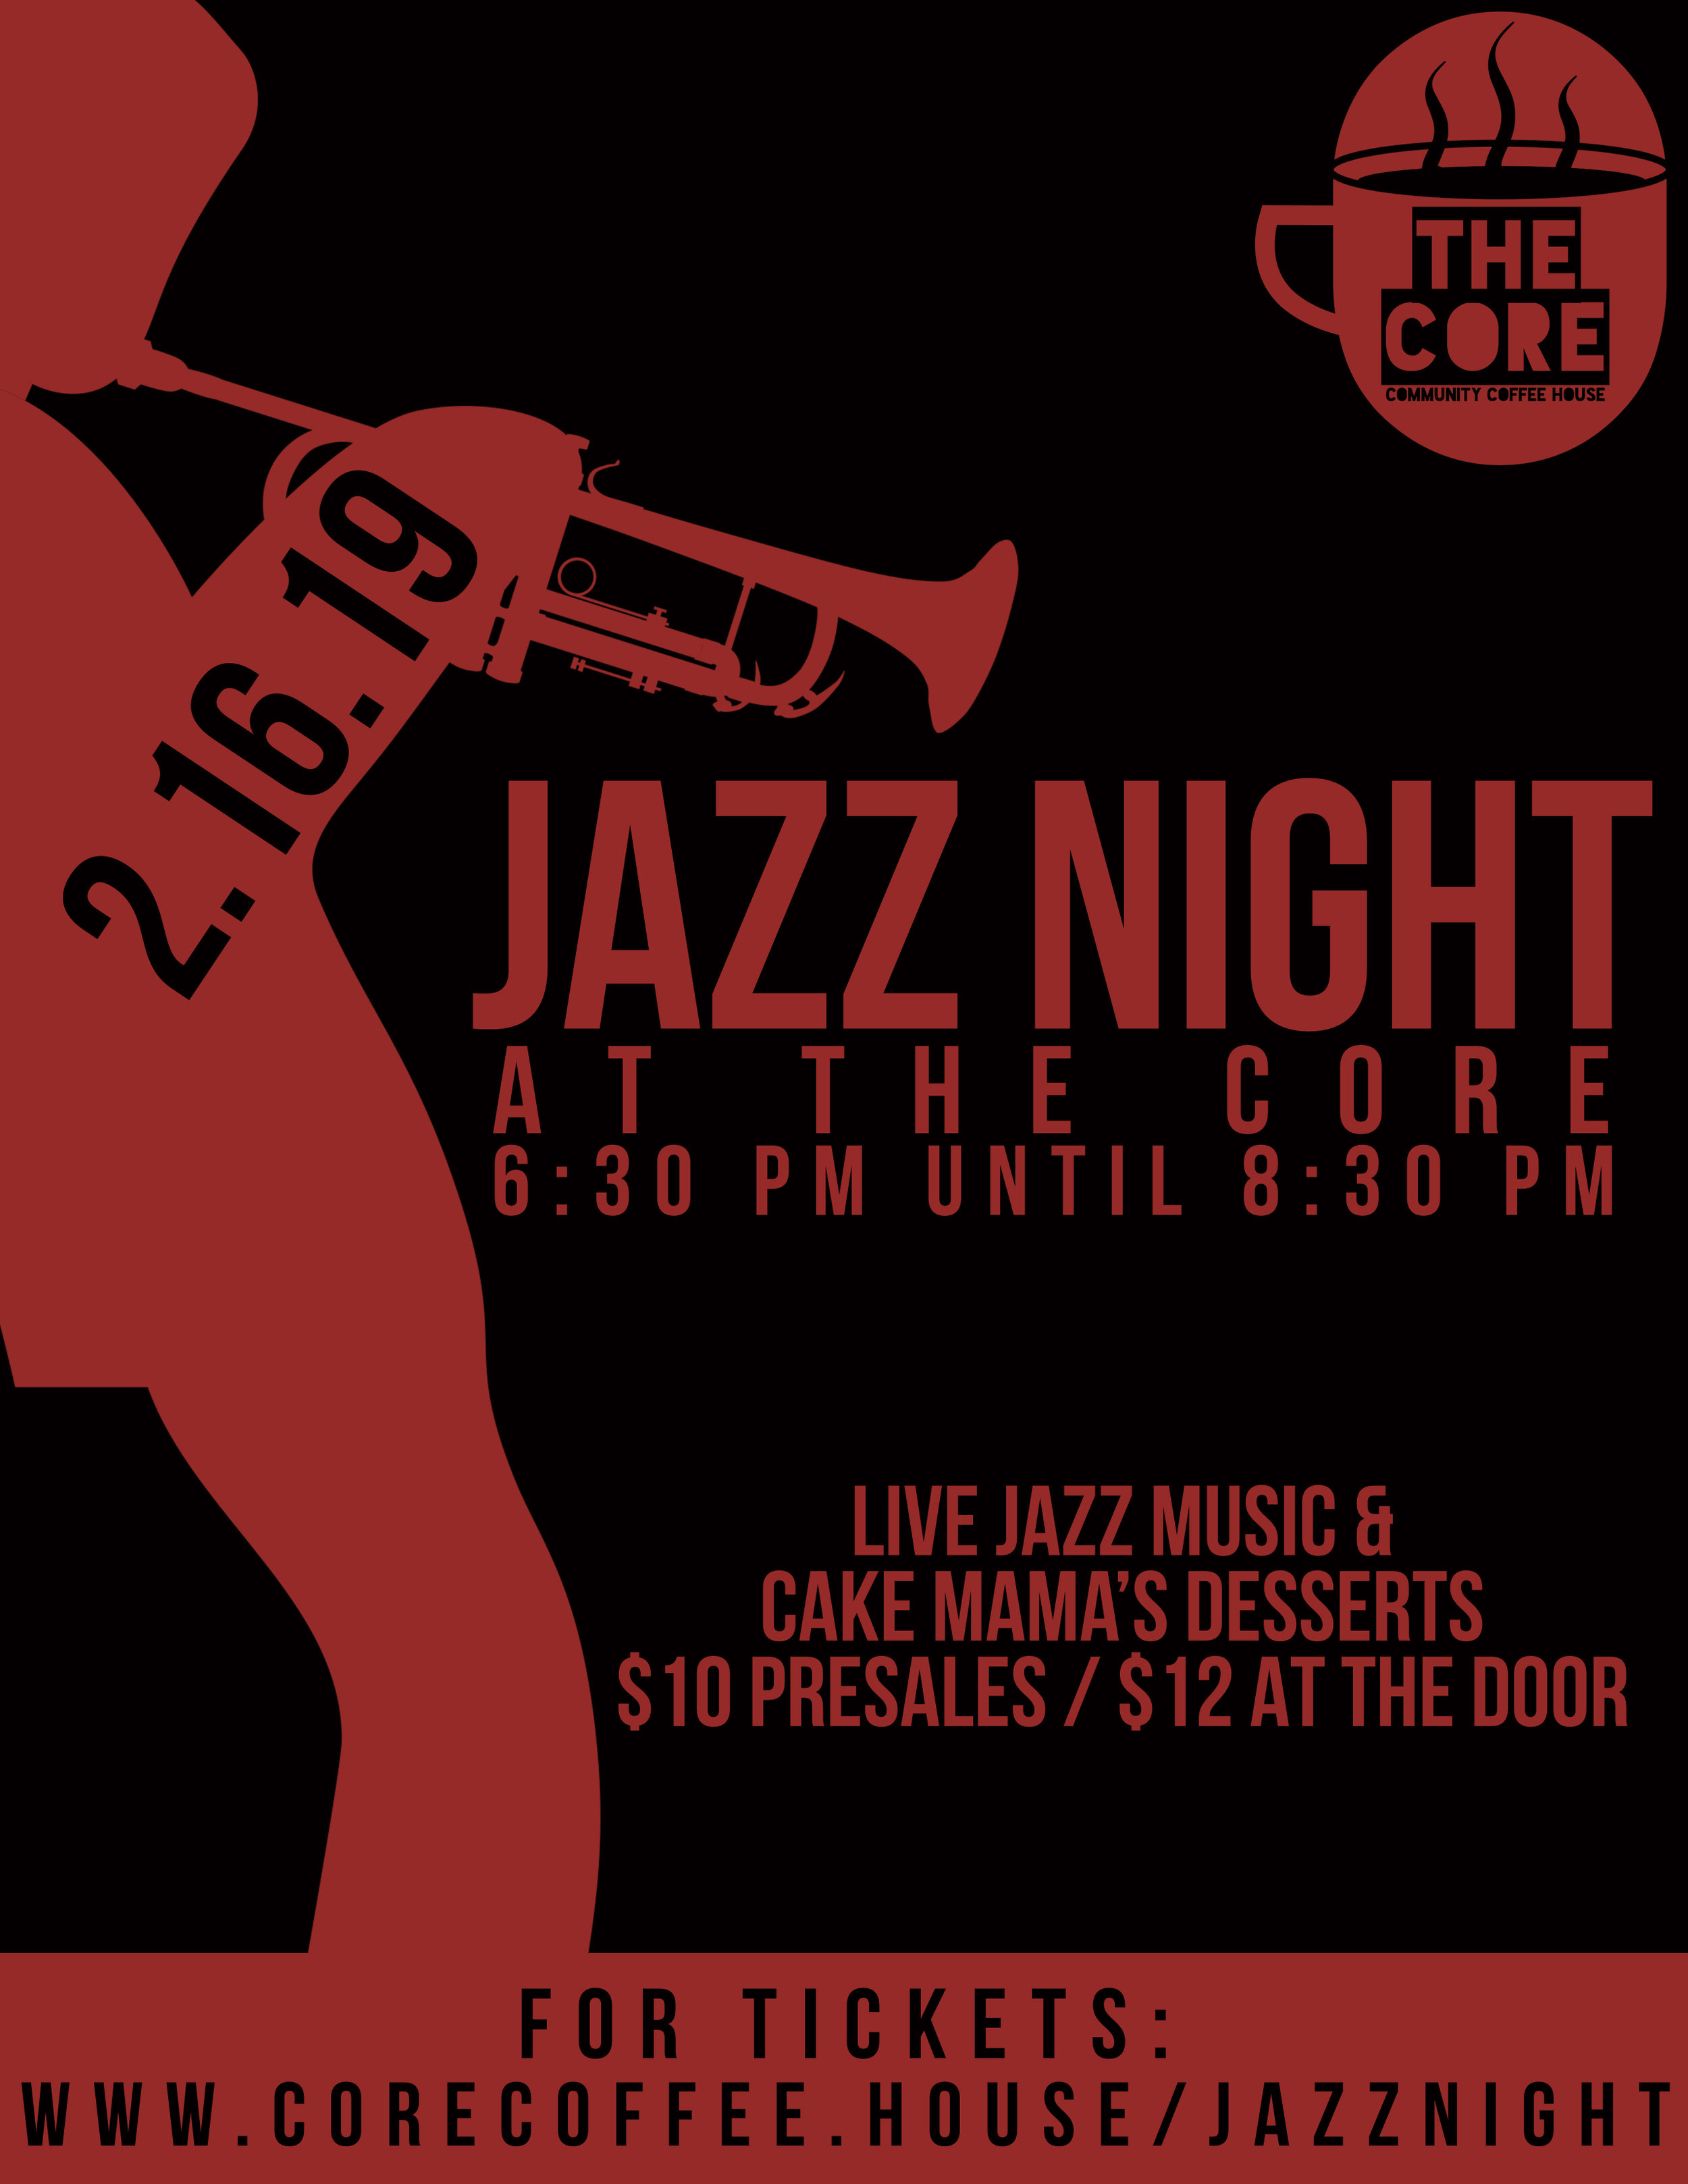 JazzNightPoster.jpg